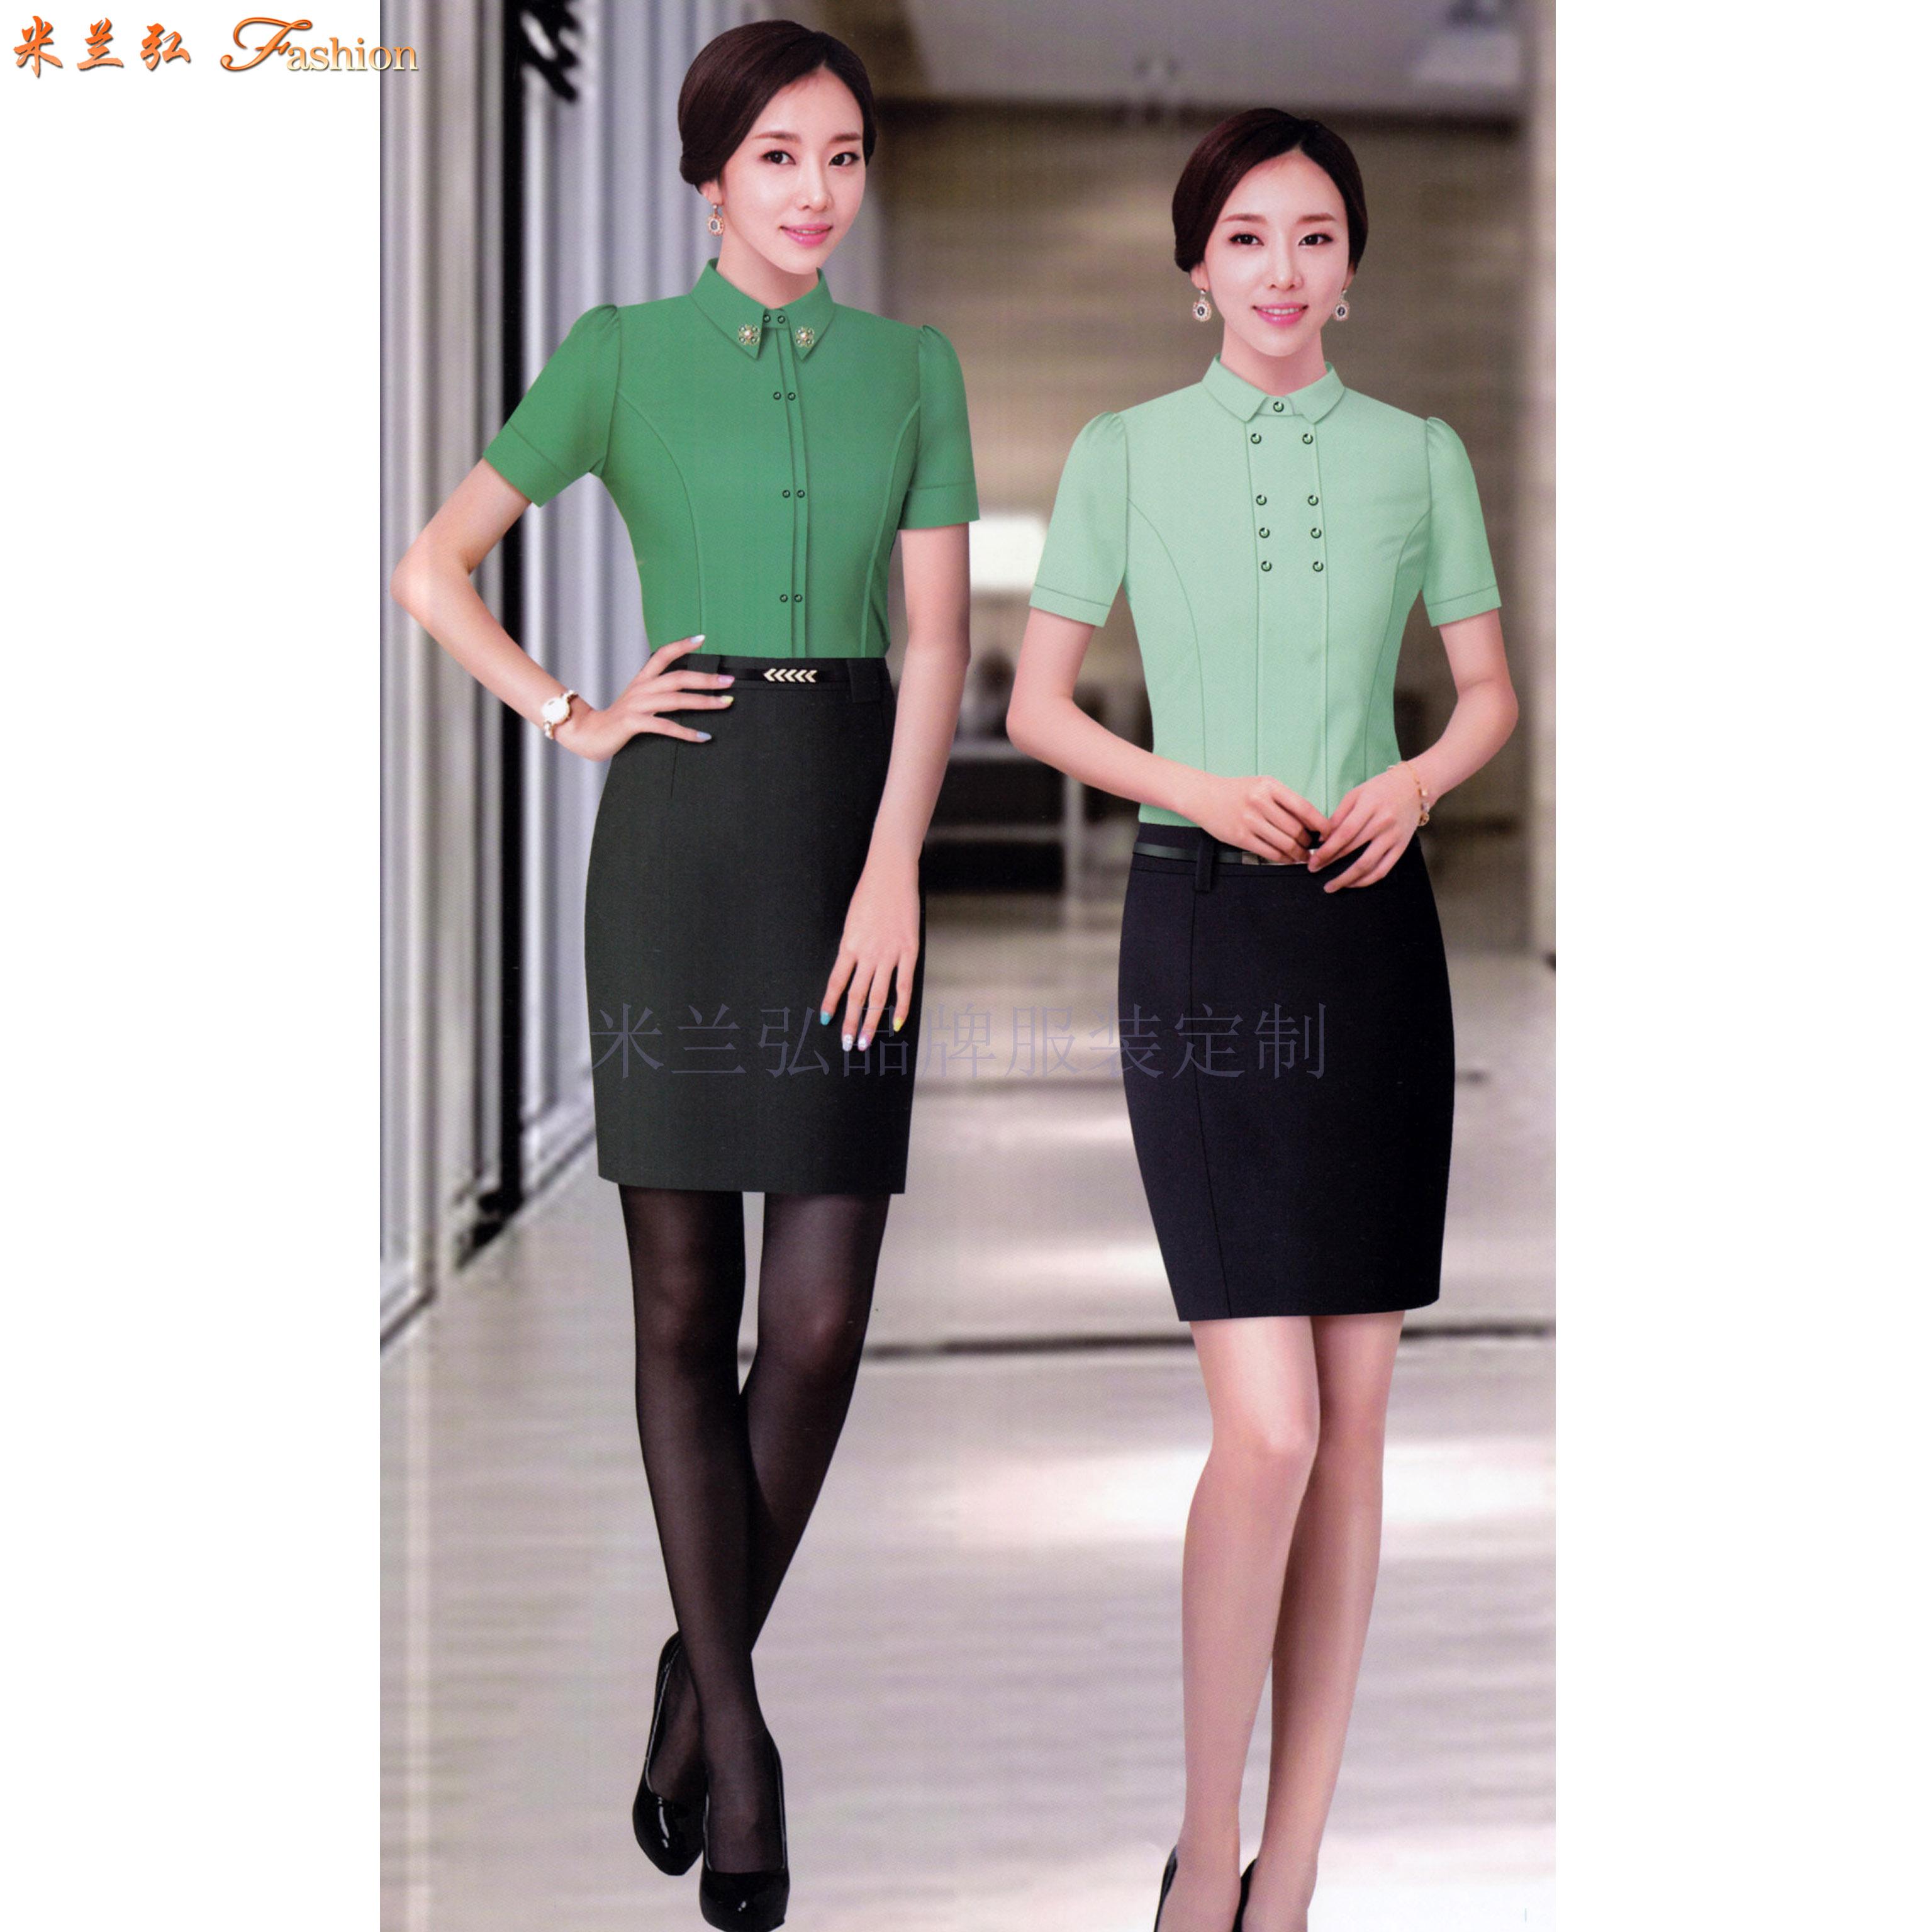 貴陽襯衫定做-貴陽量體定制襯衣廠家-米蘭弘服裝-1